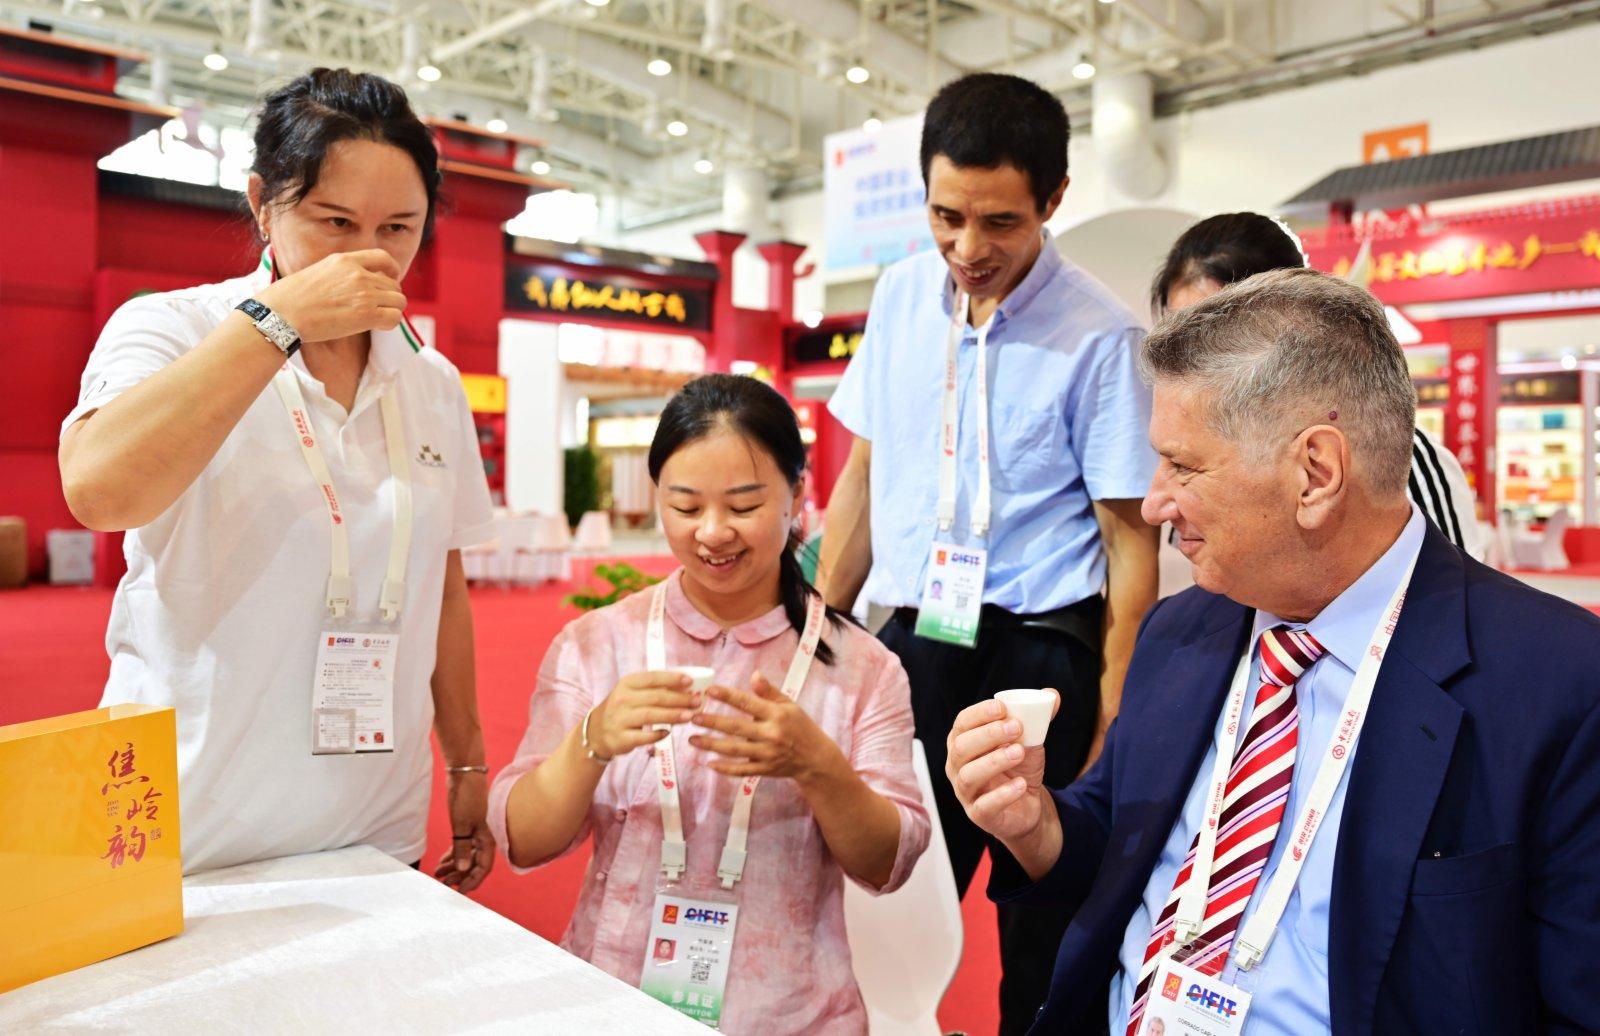 在第二十一屆中國國際投資貿易洽談會的中國茶業投資貿易博覽會現場,來自意大利馬爾凱大區蒙卡洛集團的葡萄酒客商(右一)在品嘗武夷山的參展商林麗英(左二)的岩茶。(新華社)